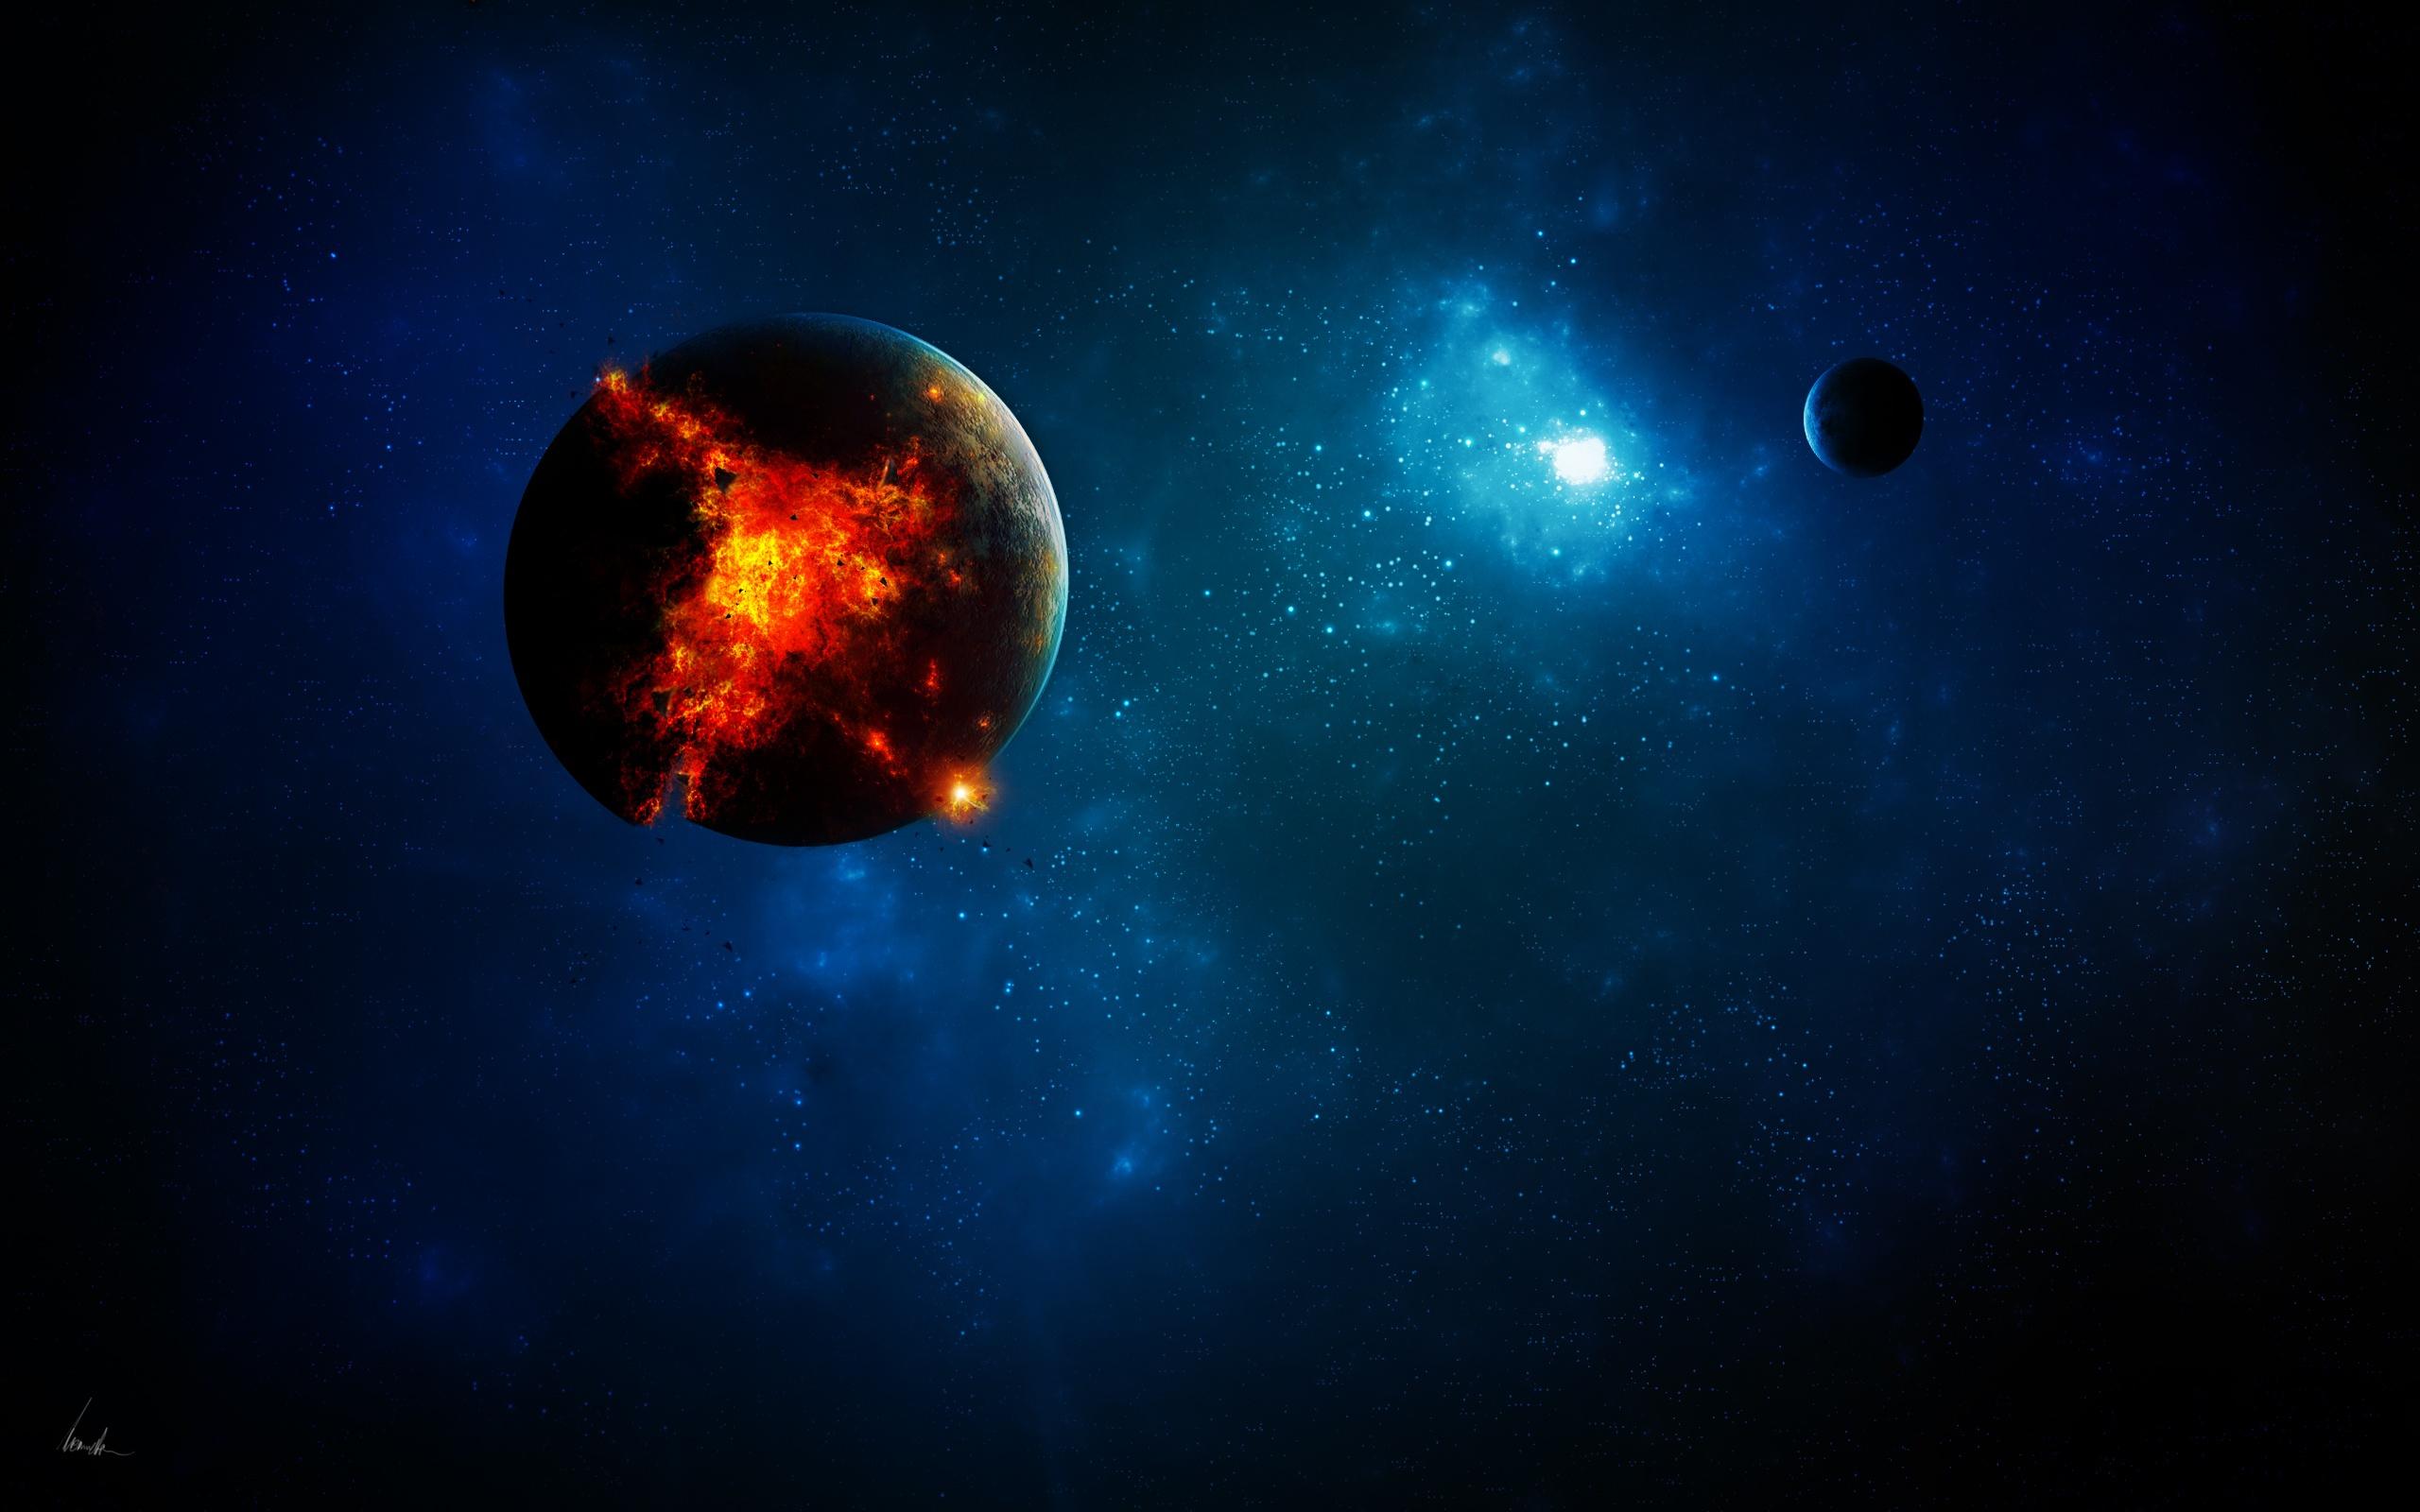 Обои планета земля свечение картинки на рабочий стол на тему Космос - скачать загрузить